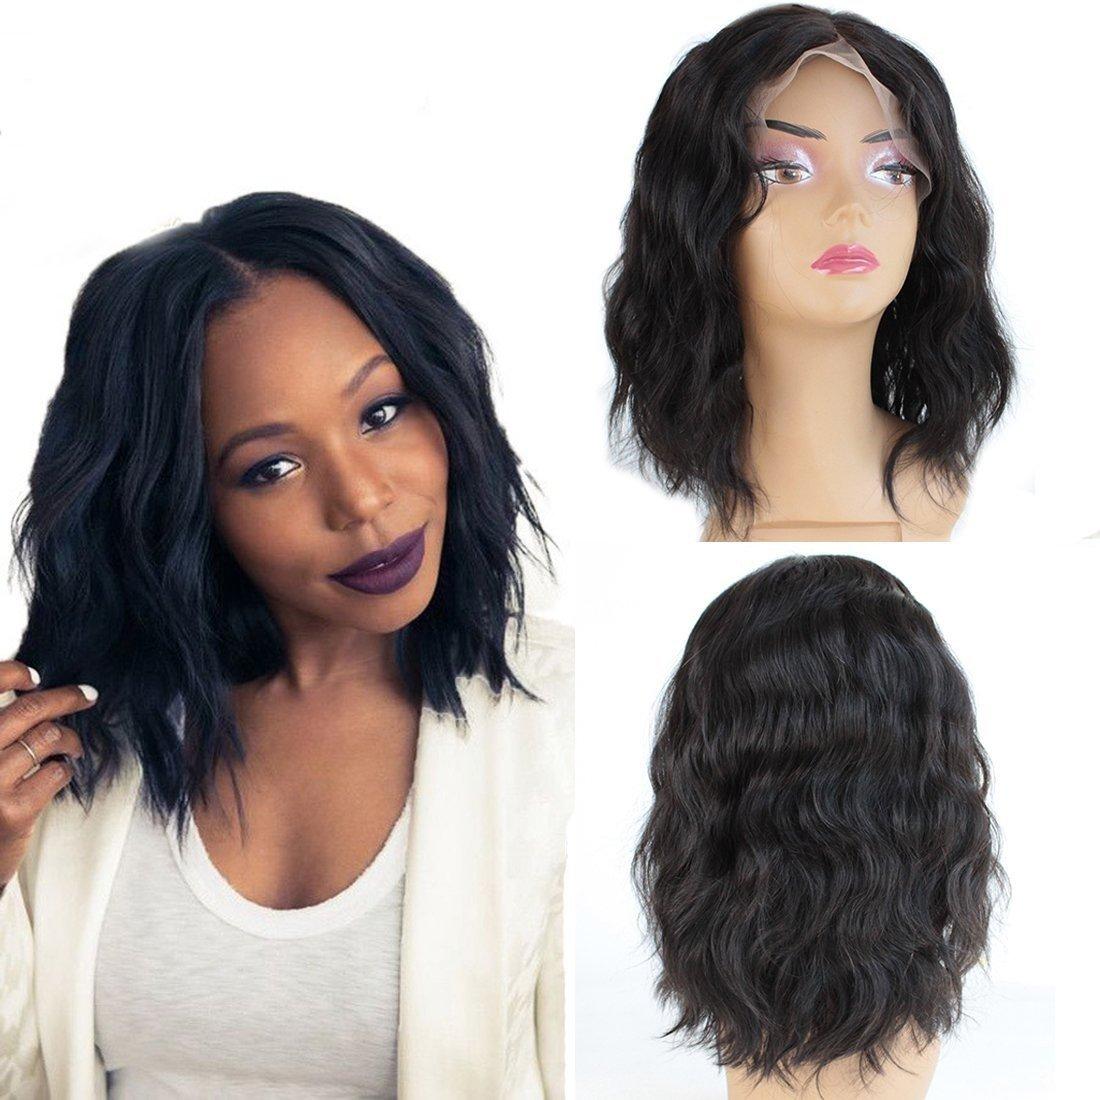 ZanaWigs Perücke aus unbearbeitetem, brasilianischem Echthaar, Lace-Front-Wig, gewellter, schwarzer Bob mit kleinen Baby-Haaren. Zana Hair Factory